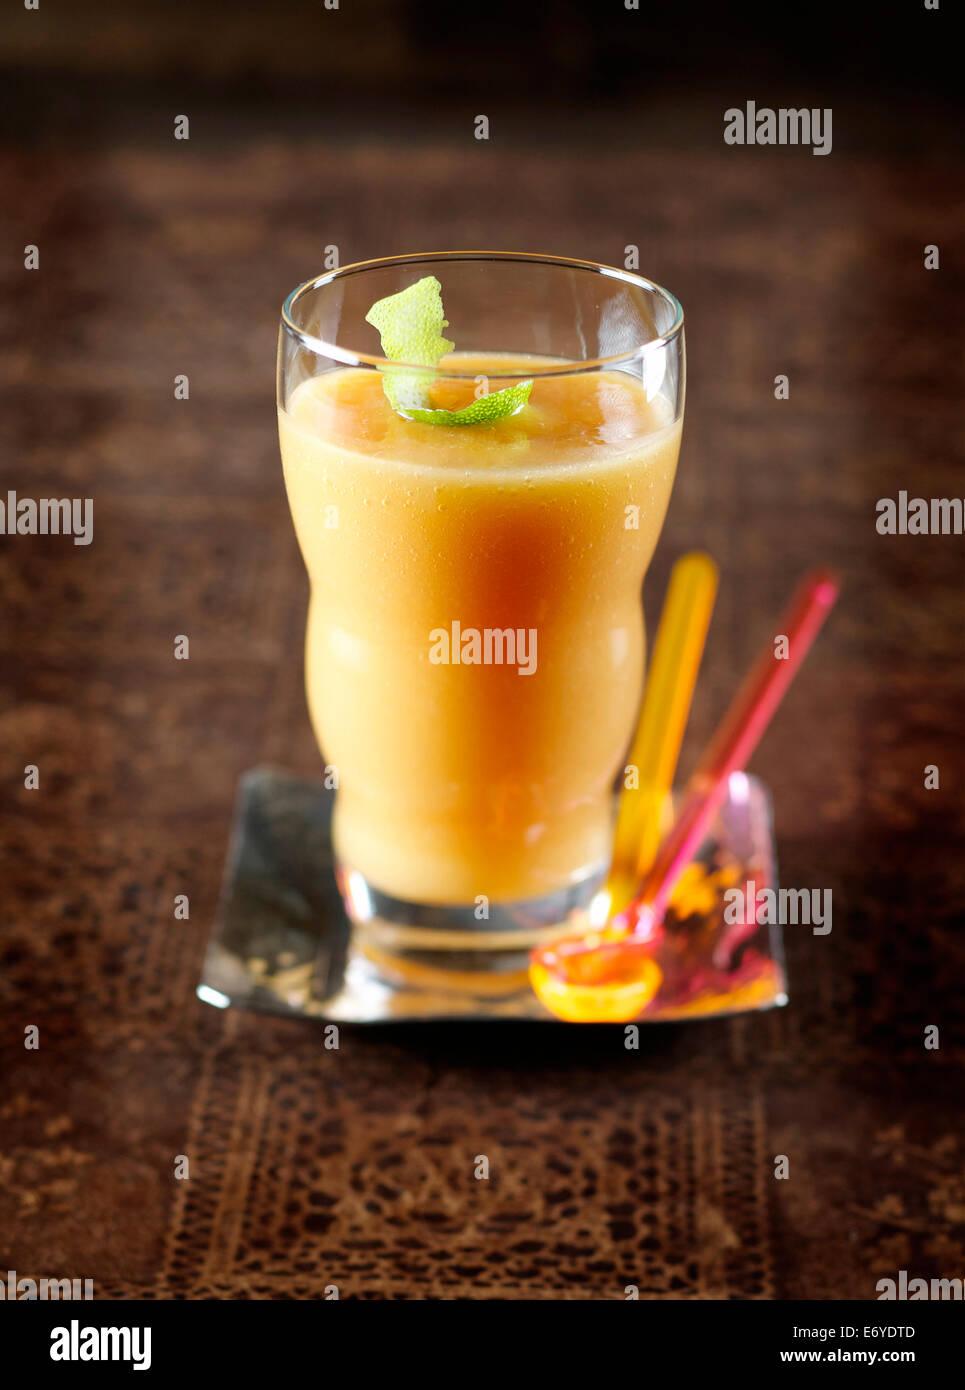 Mango smoothie - Stock Image